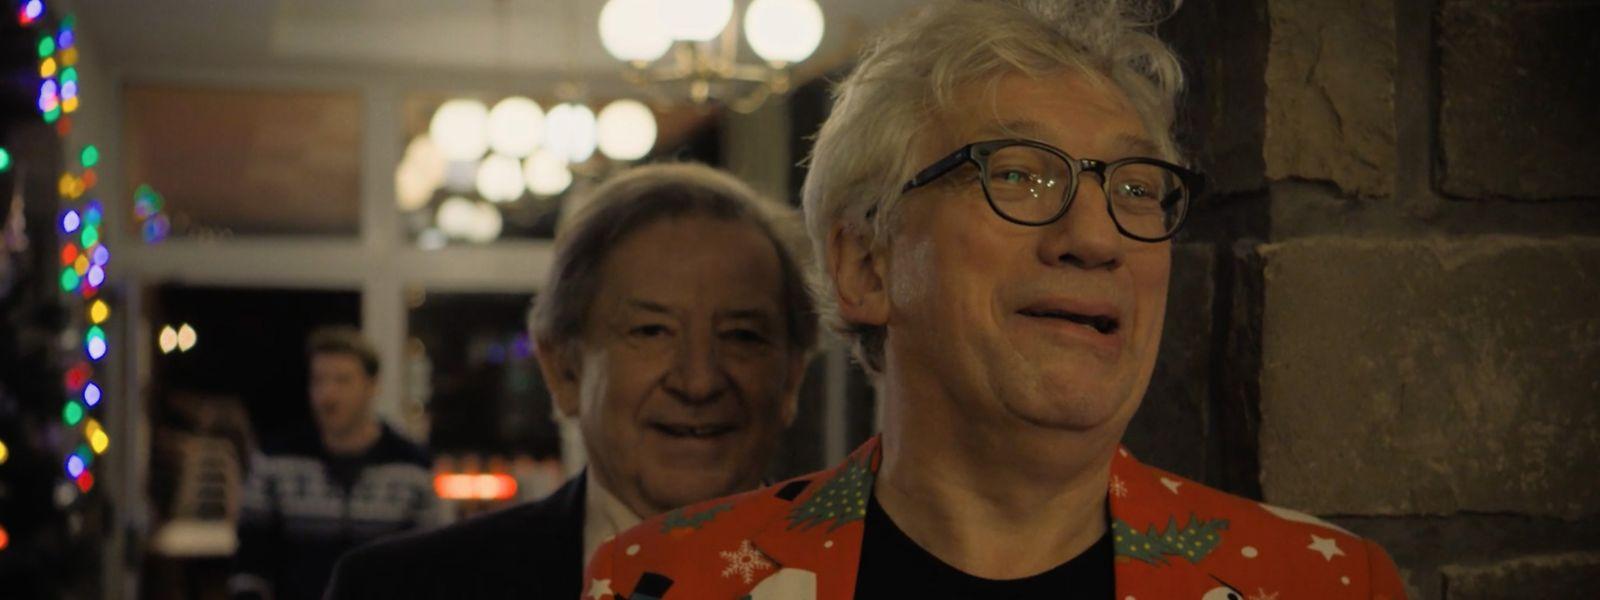 """Änder Jung und Germain Wagner, die beiden Geschäftspartner von """"Alter Native"""" bei der Weihnachtsfeier im Hotel Dirbach-Plage."""